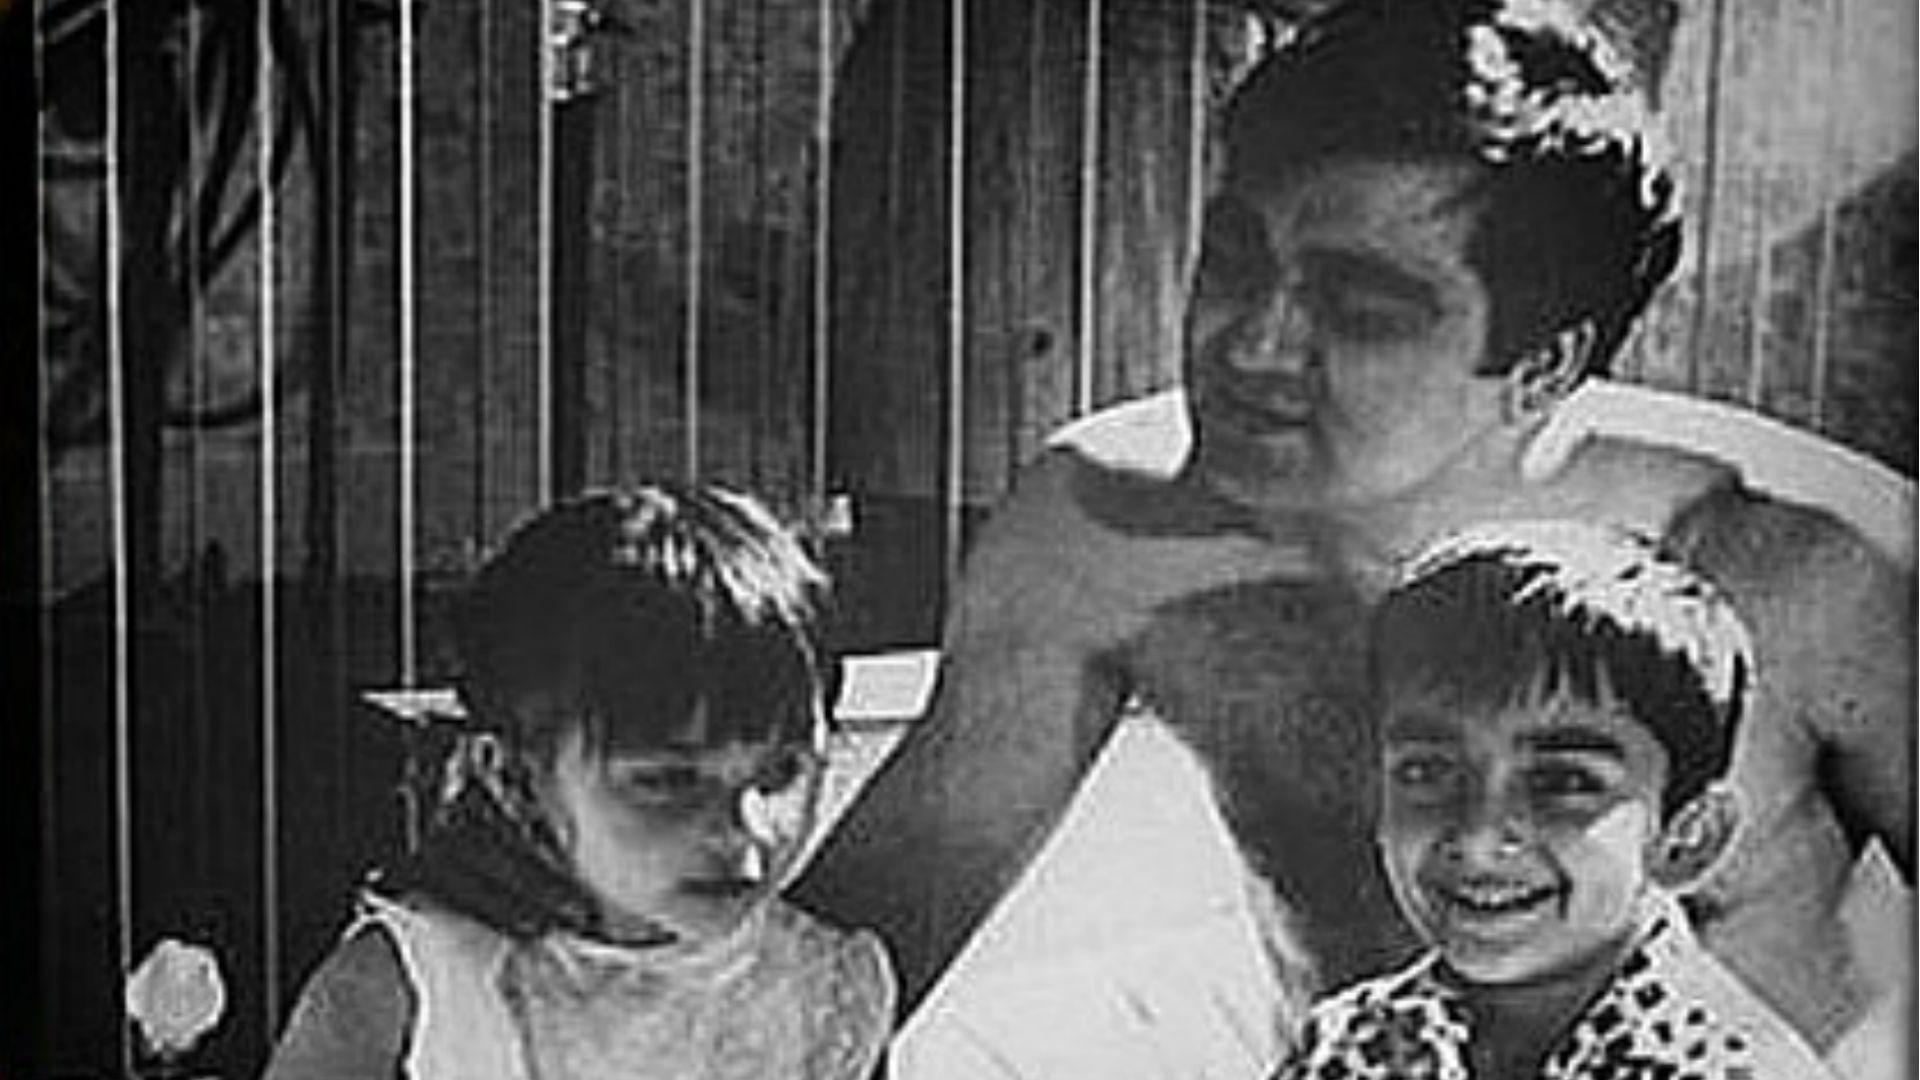 Sunil Dutt Birthday: सुनील दत्त के बर्थडे पर भावुक हुए संजय दत्त, ये तस्वीर शेयर कर लिखी दिल छू लेने वाली बात